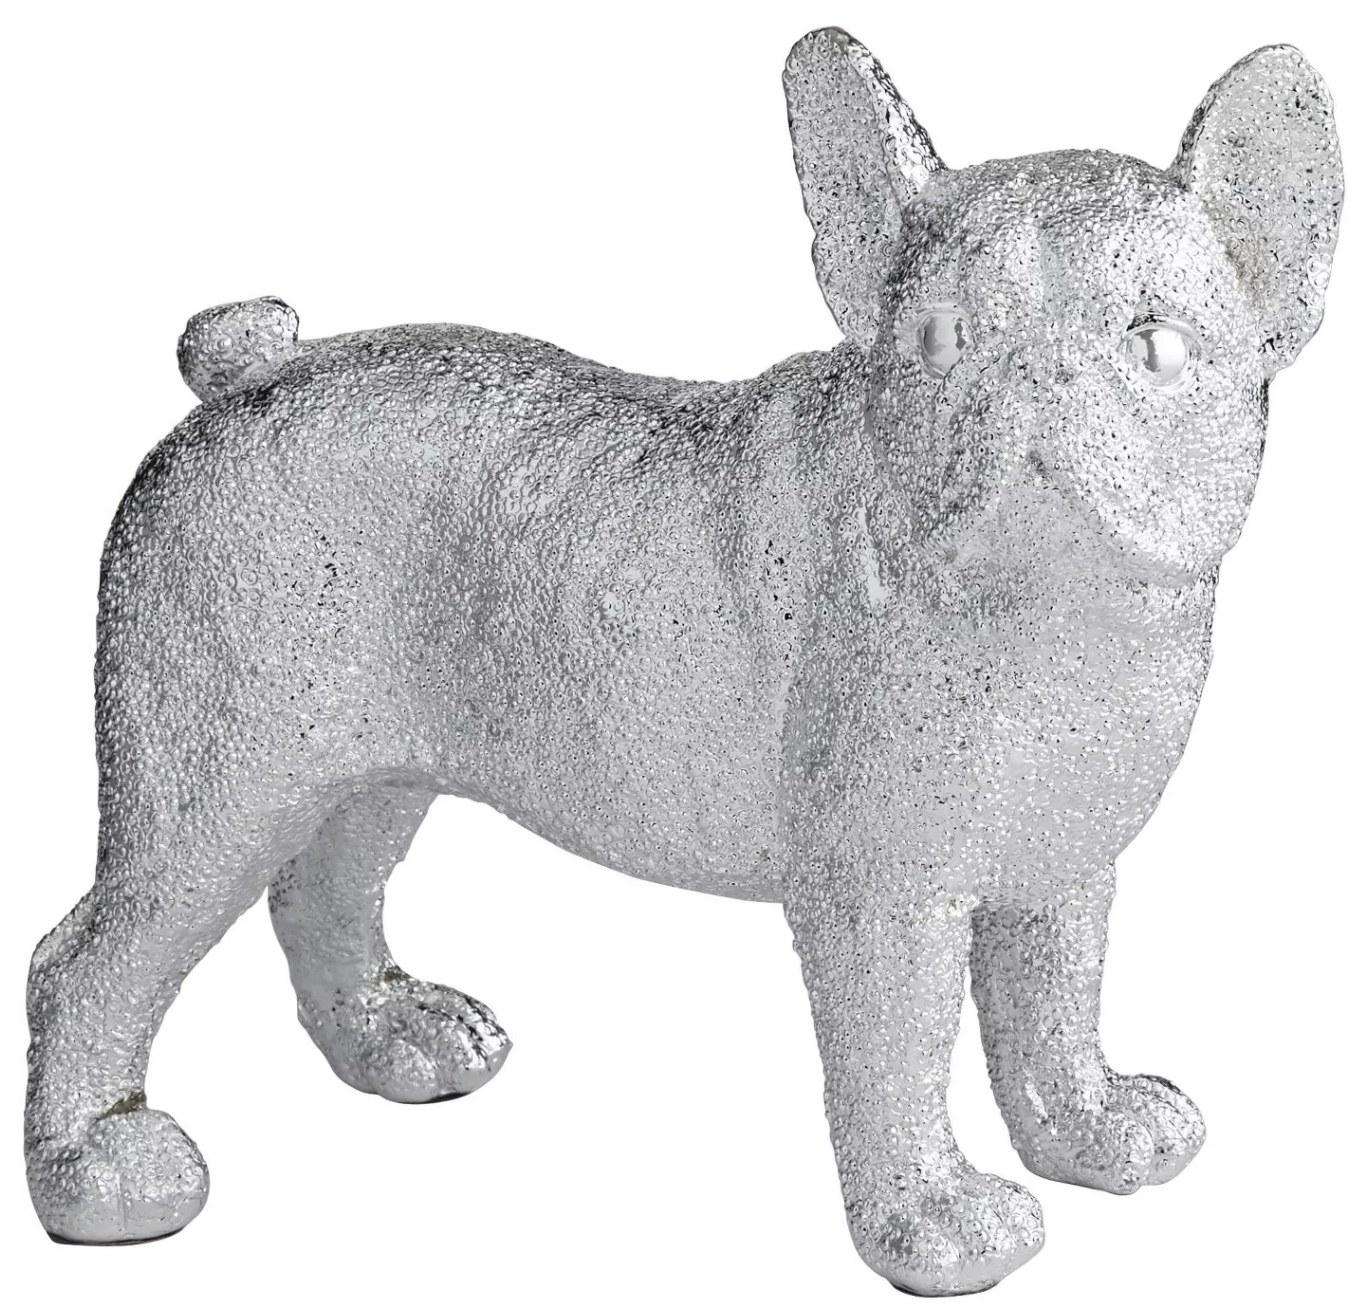 a silver sculpture of a bulldog